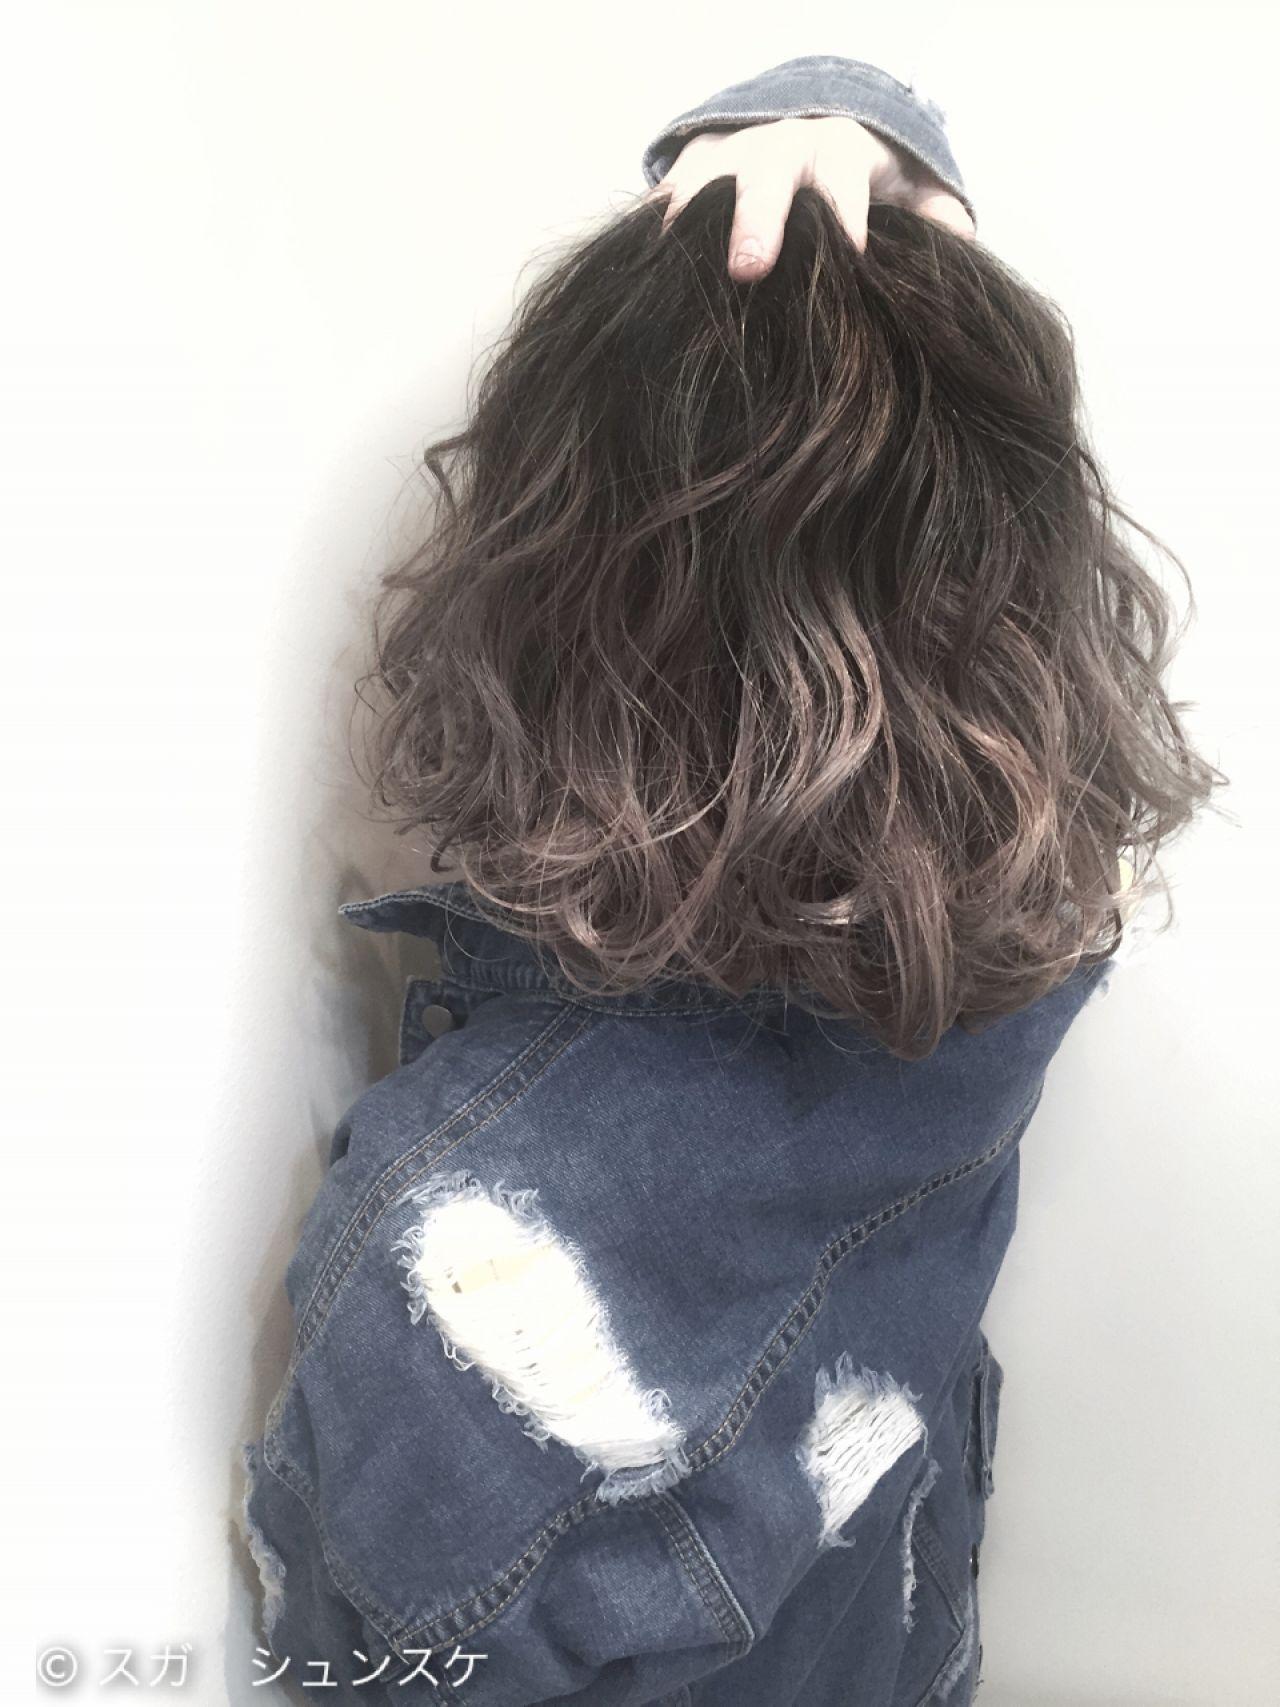 グラデーションカラー ストリート 黒髪 外国人風 ヘアスタイルや髪型の写真・画像   スガ シュンスケ / Tierra (ティエラ)